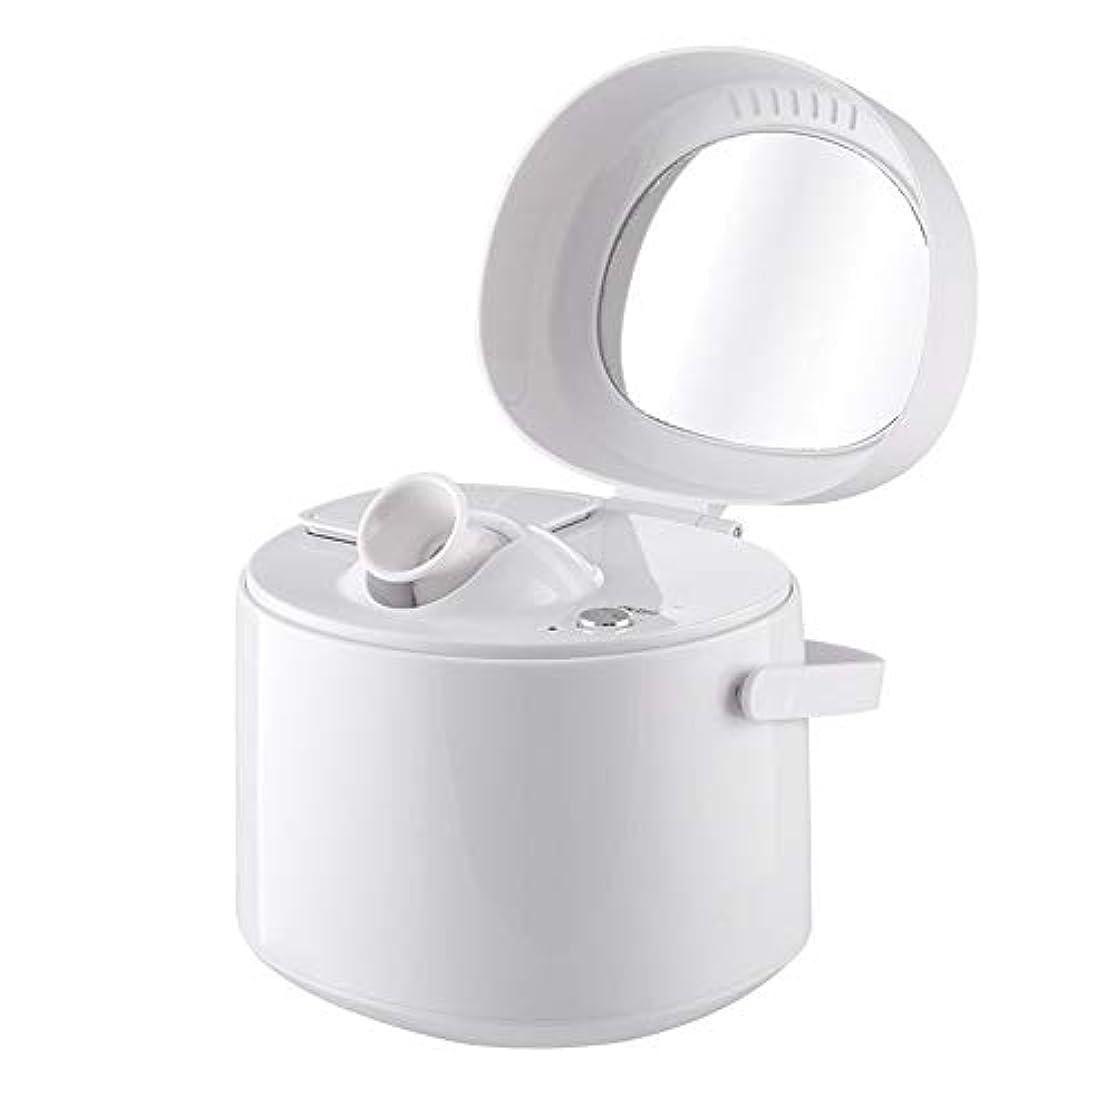 キーのれん支給ZXF ホットスプレースチームフェイス美容器具ホームナノイオン保湿スプレー美容器具美容ミラーホワイト 滑らかである